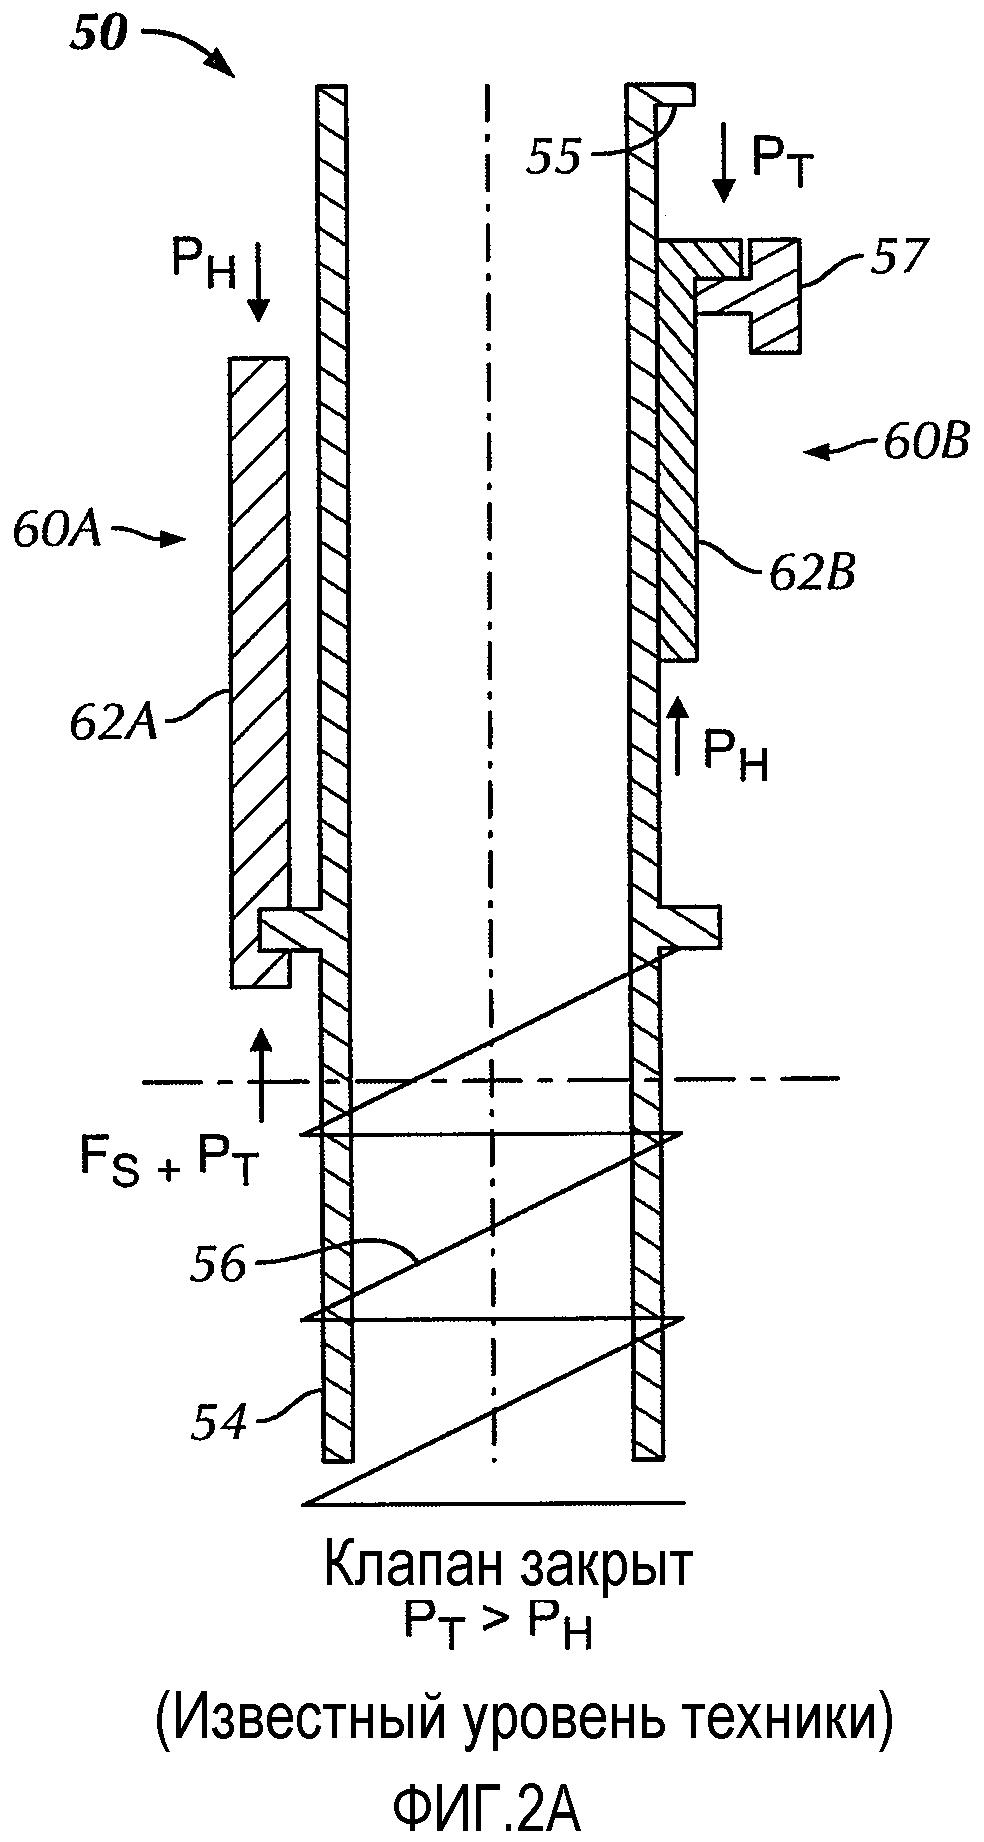 Отказобезопасный регулятор предохранительного клапана для установки на глубине с двумя линиями управления